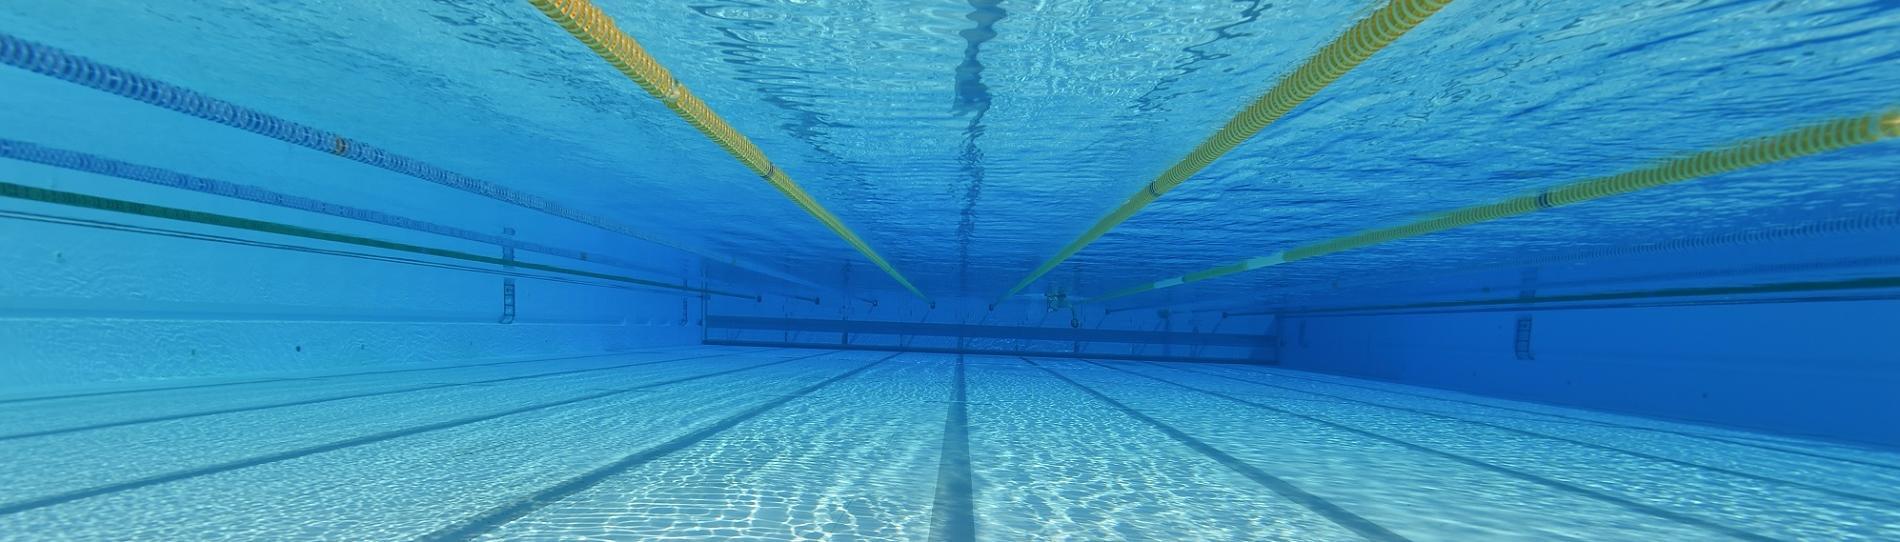 Aquaphobia : Let's Talk About It